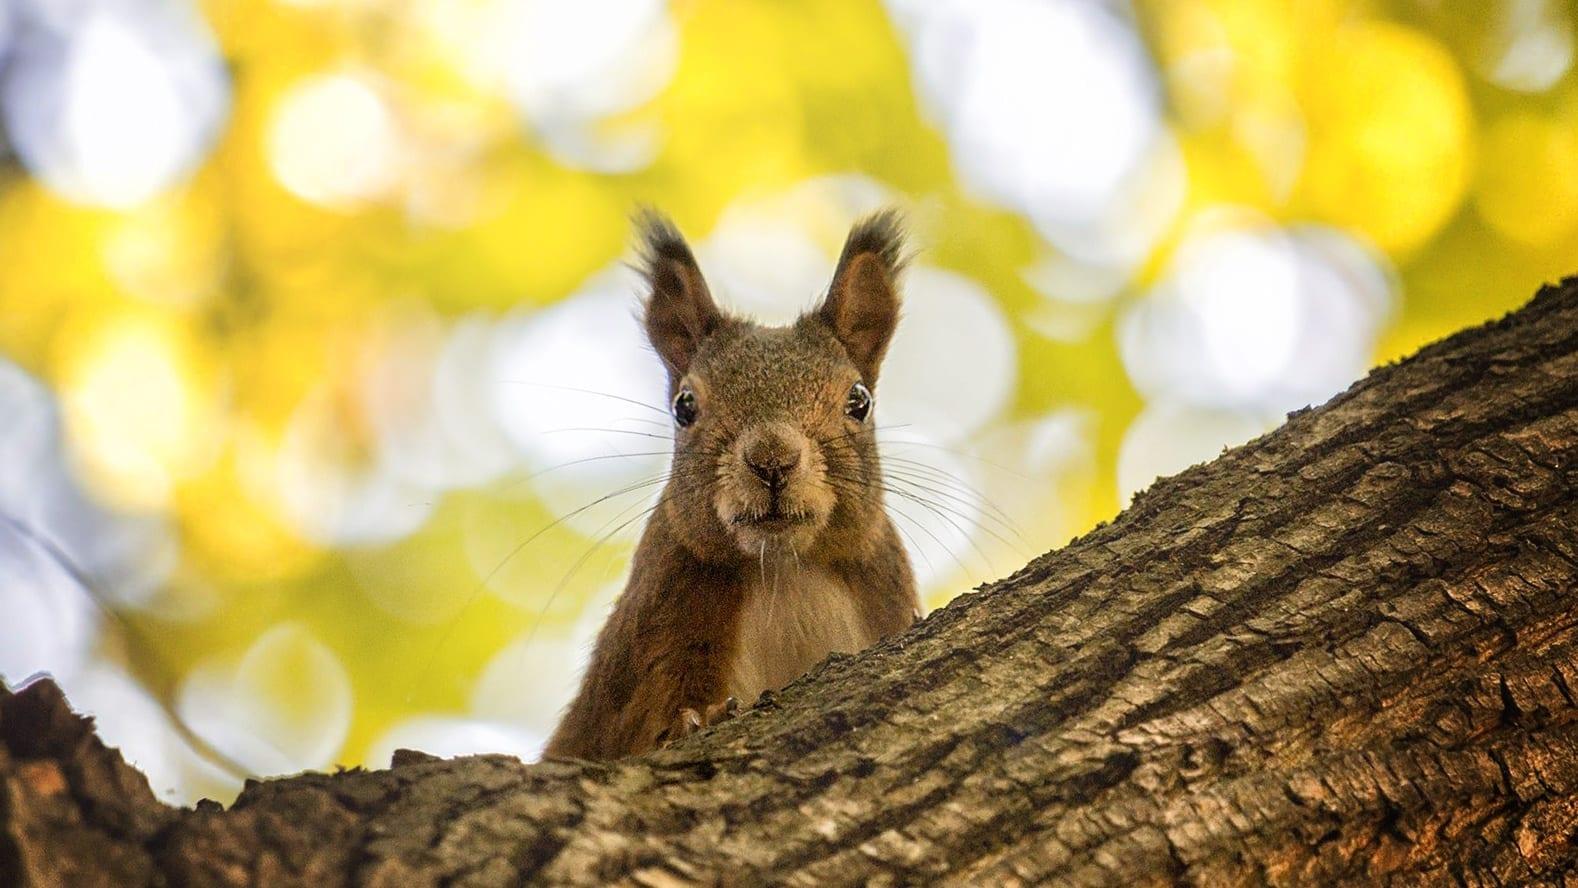 Budapesti őszi fotózás közben mókusokkal is találkozhatsz a Margitszigeten